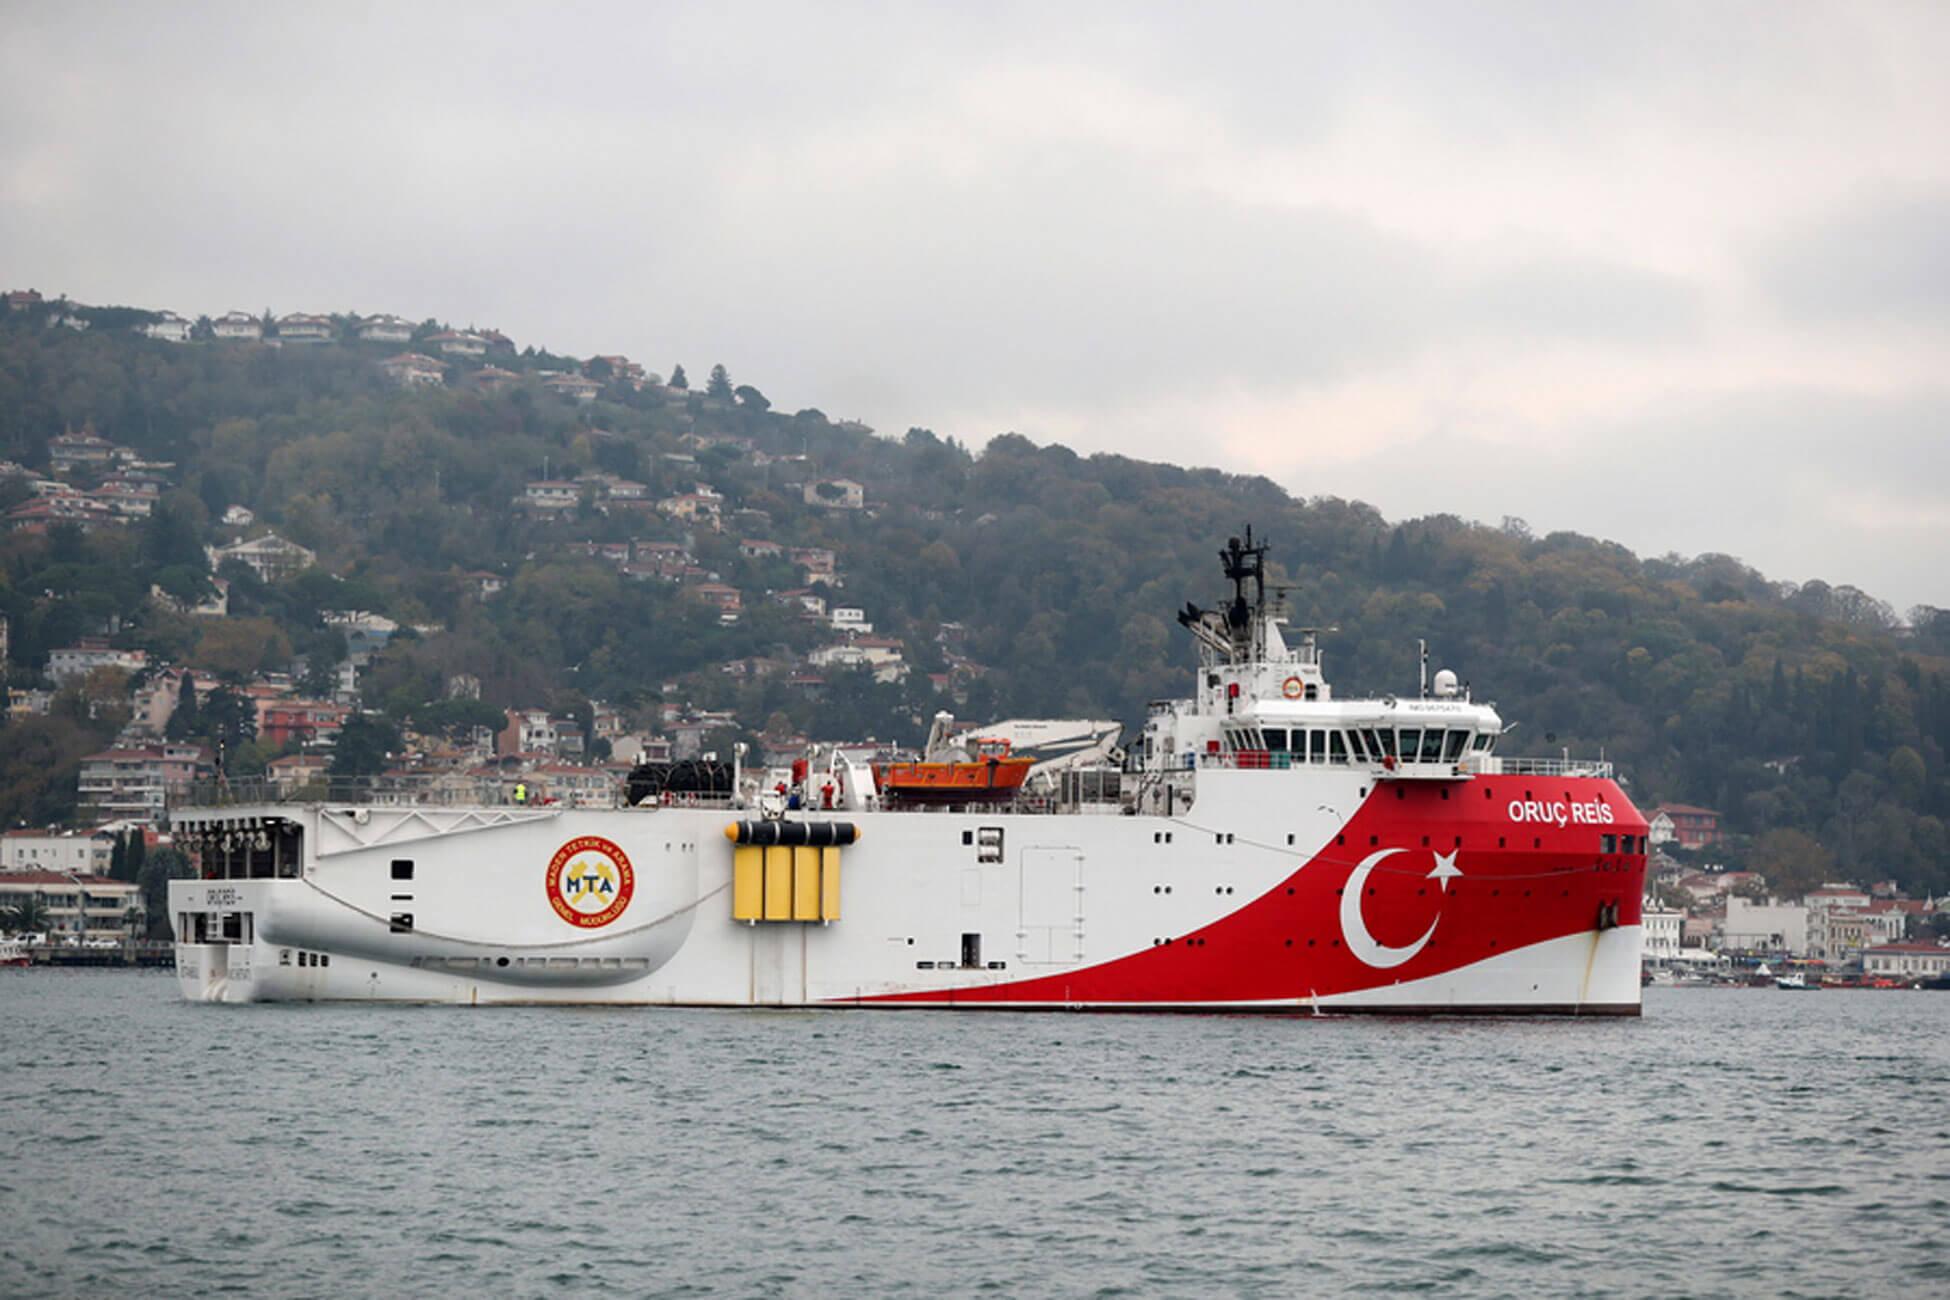 Σε επιφυλακή για το Τουρκικό ερευνητικό πλοίο Oruc Reis! Πλέει ανάμεσα σε Κρήτη και Κύπρο!